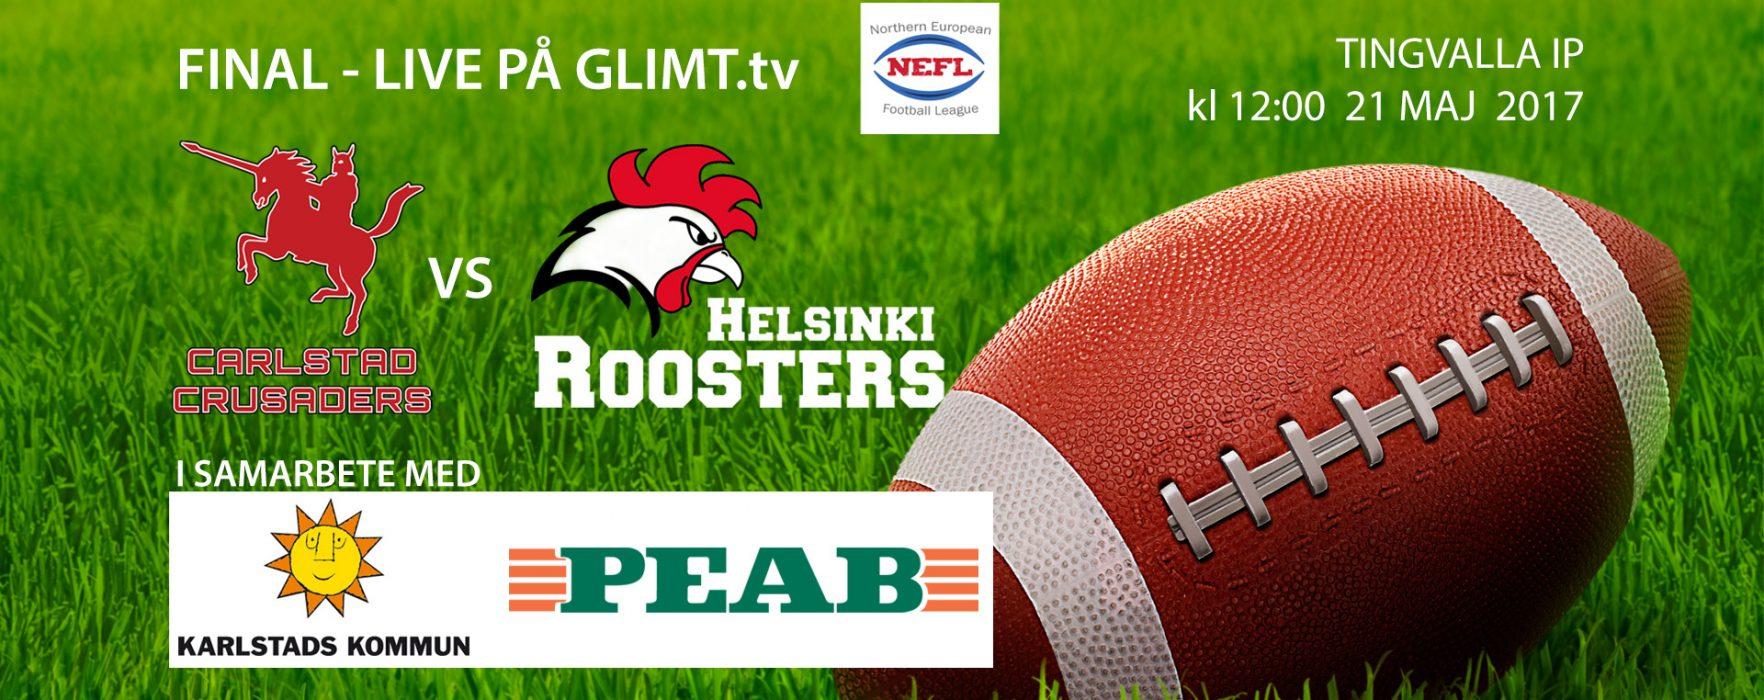 Carlstad Crusaders vs Helsinki Roosters